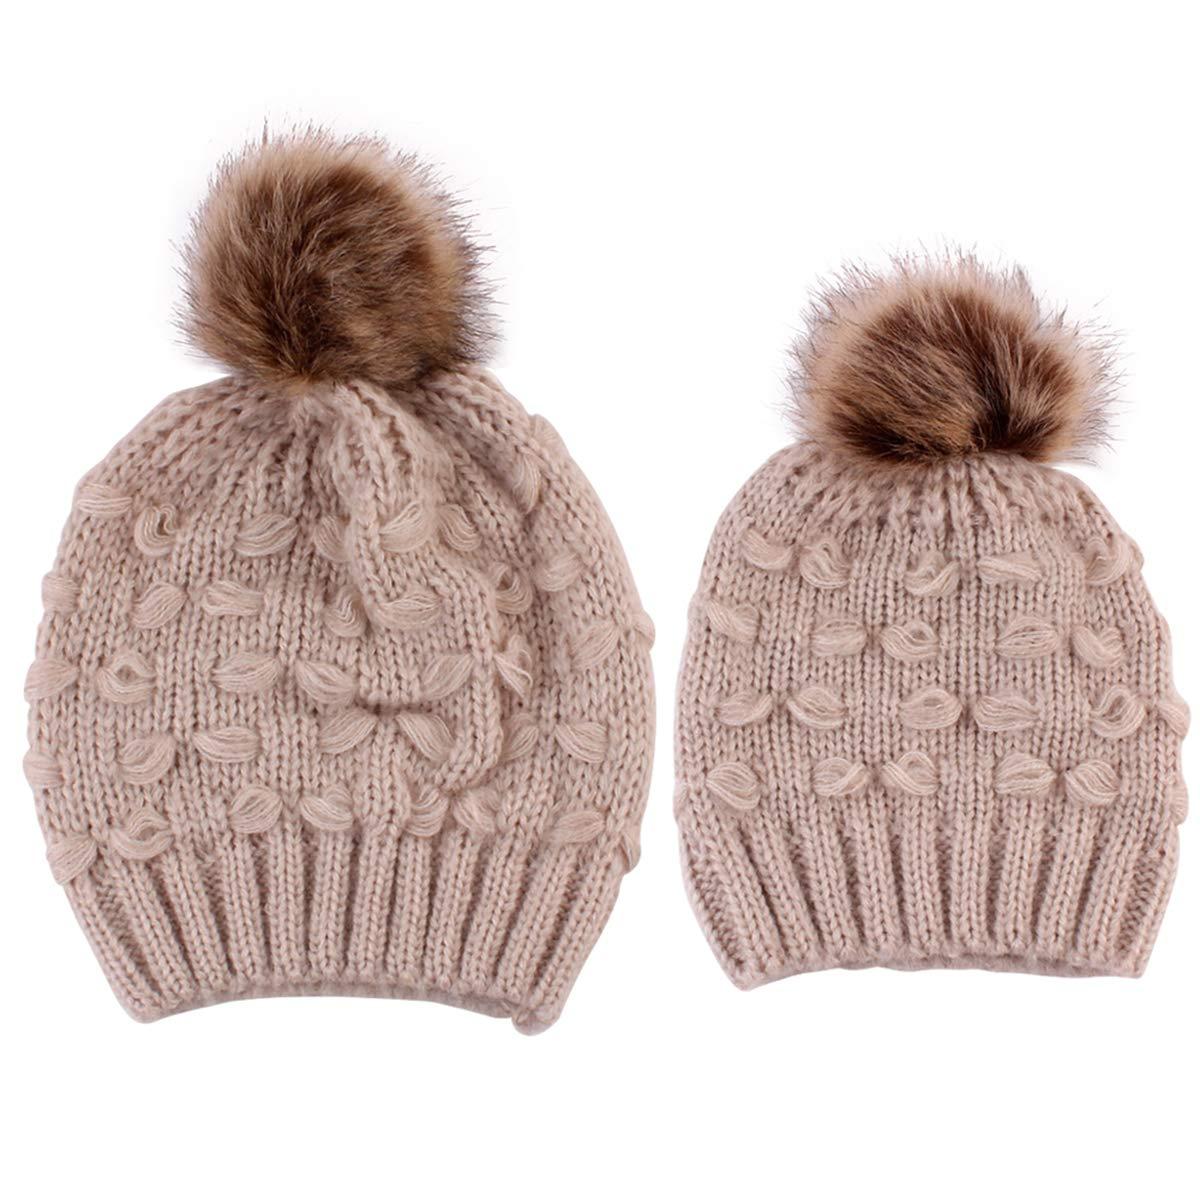 0ef928131 Winter Hat Pattern Crocheted – Easy Crochet Patterns